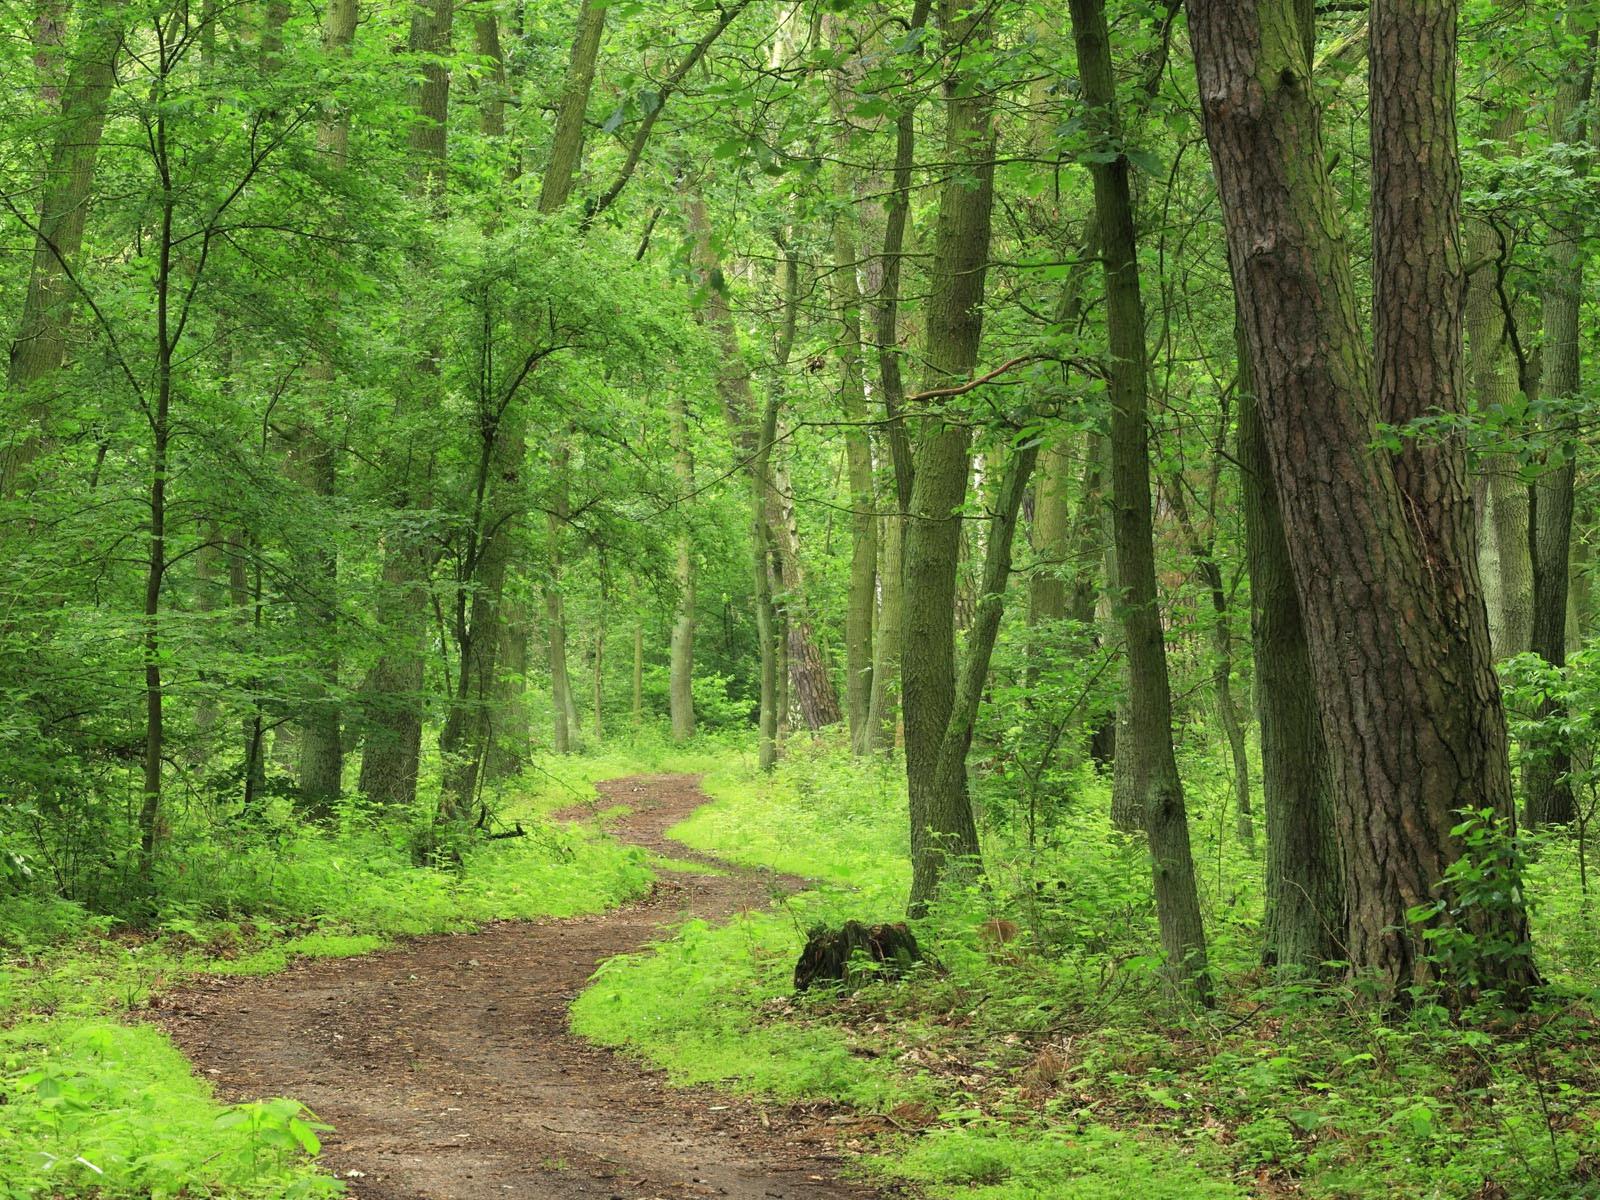 обои для рабочего стола, тропинка извилистая в зеленом густом лесу